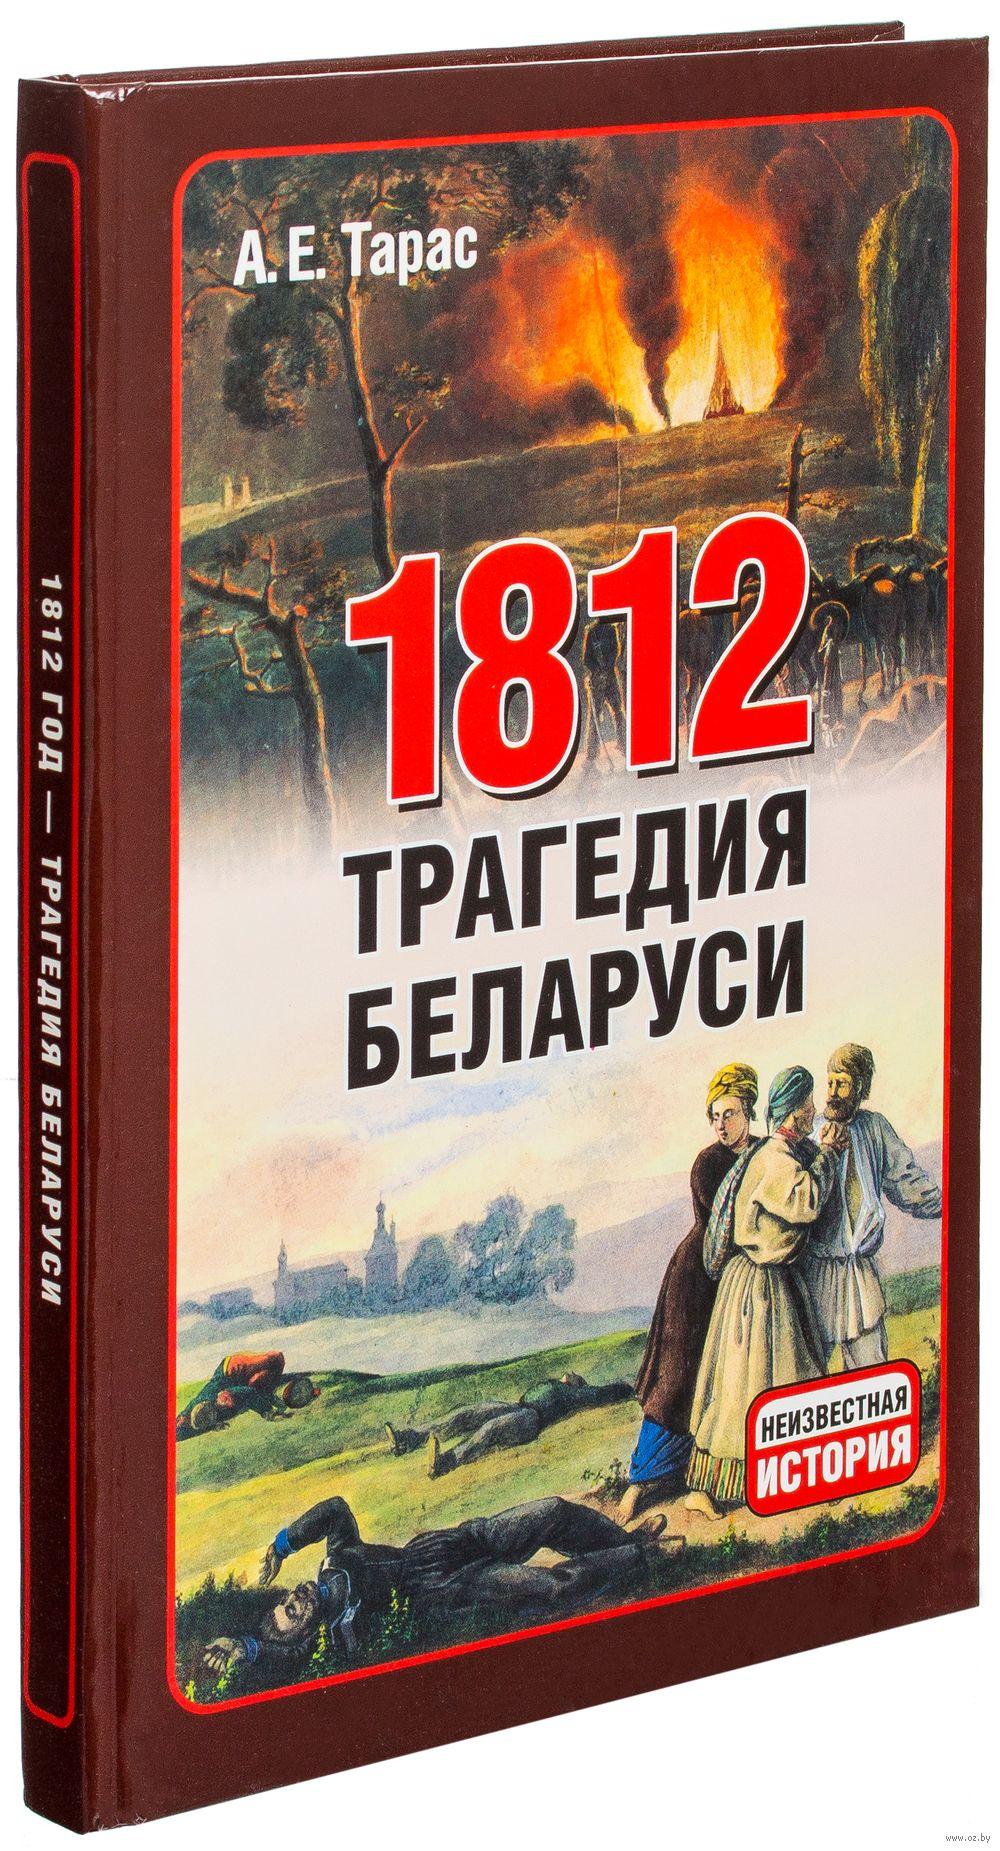 справочник власть и бизнес беларуси